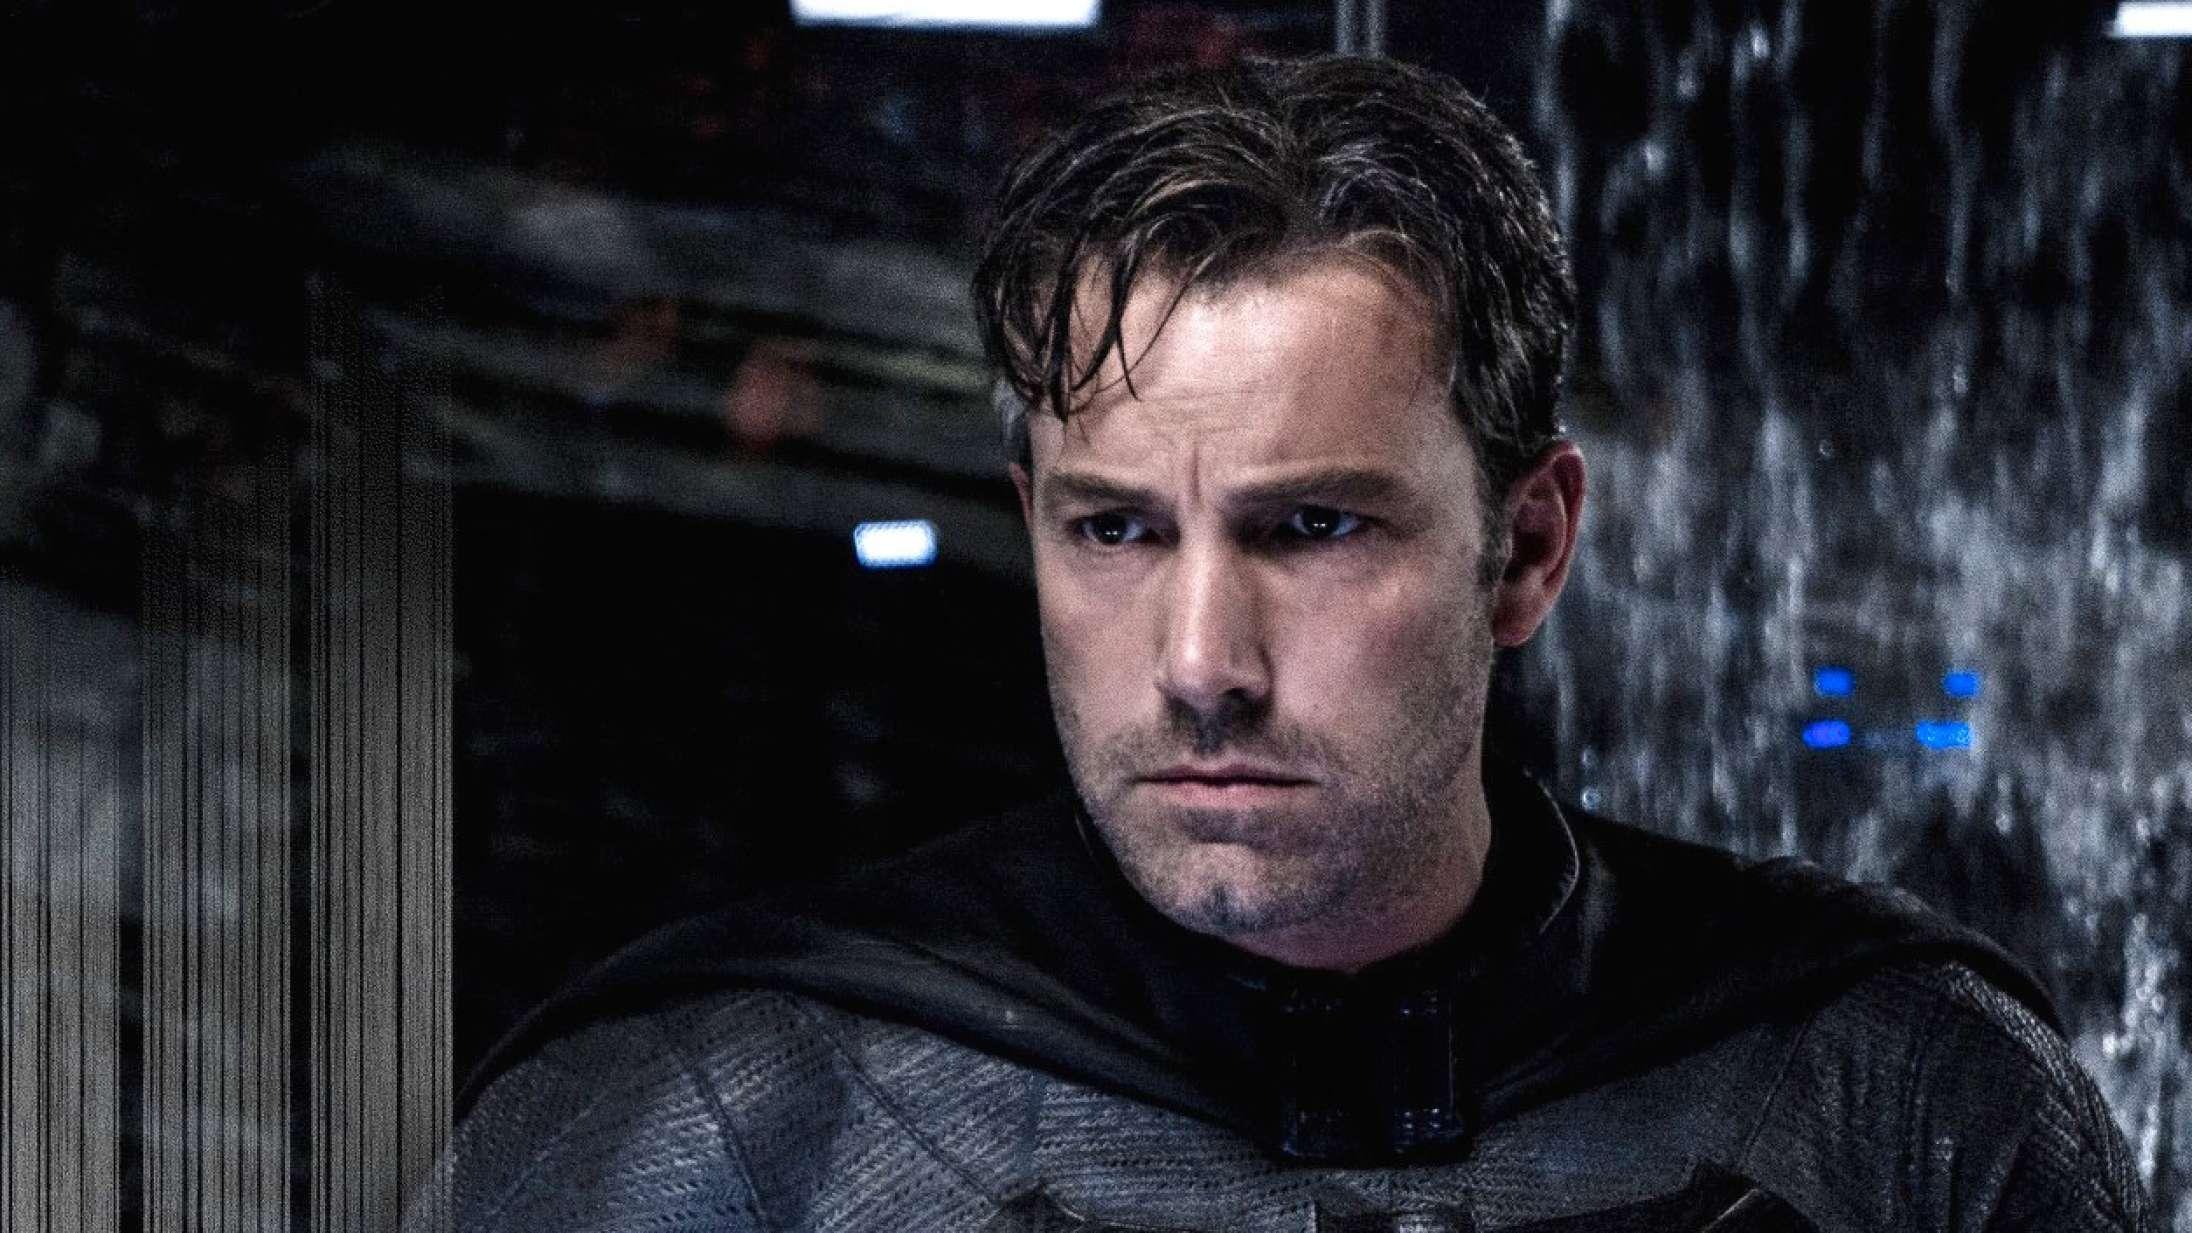 'The Batman'-rygterne tager til: Ny franchise på vej uden Ben Affleck